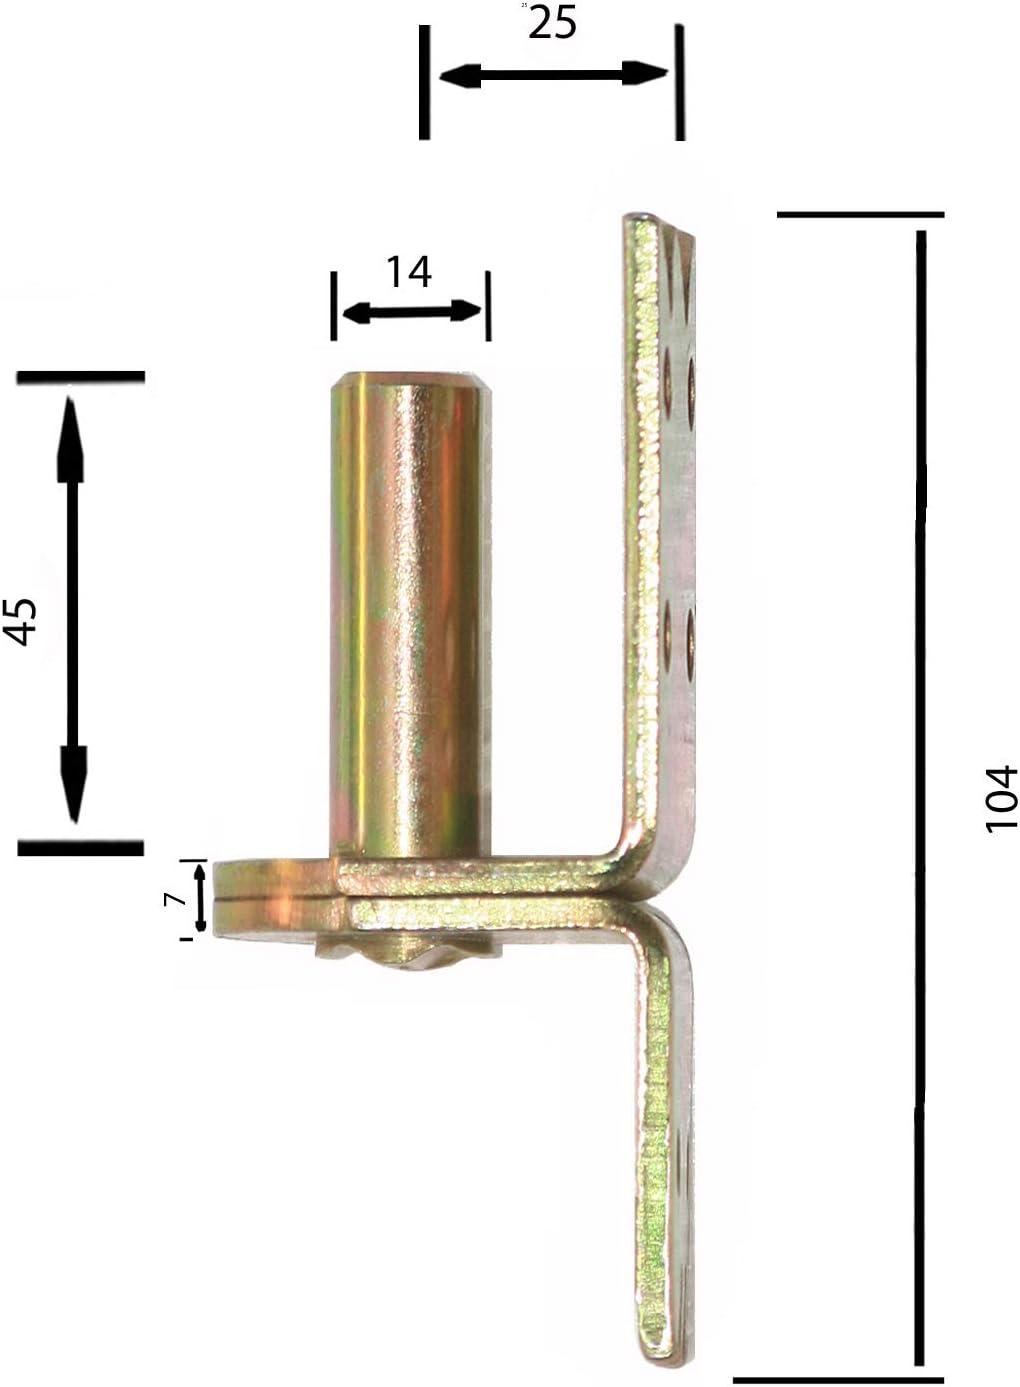 Plattenhaken Kloben Aufschraubkloben 14 mm Türkloben Torkloben Türhaken Verzinkt